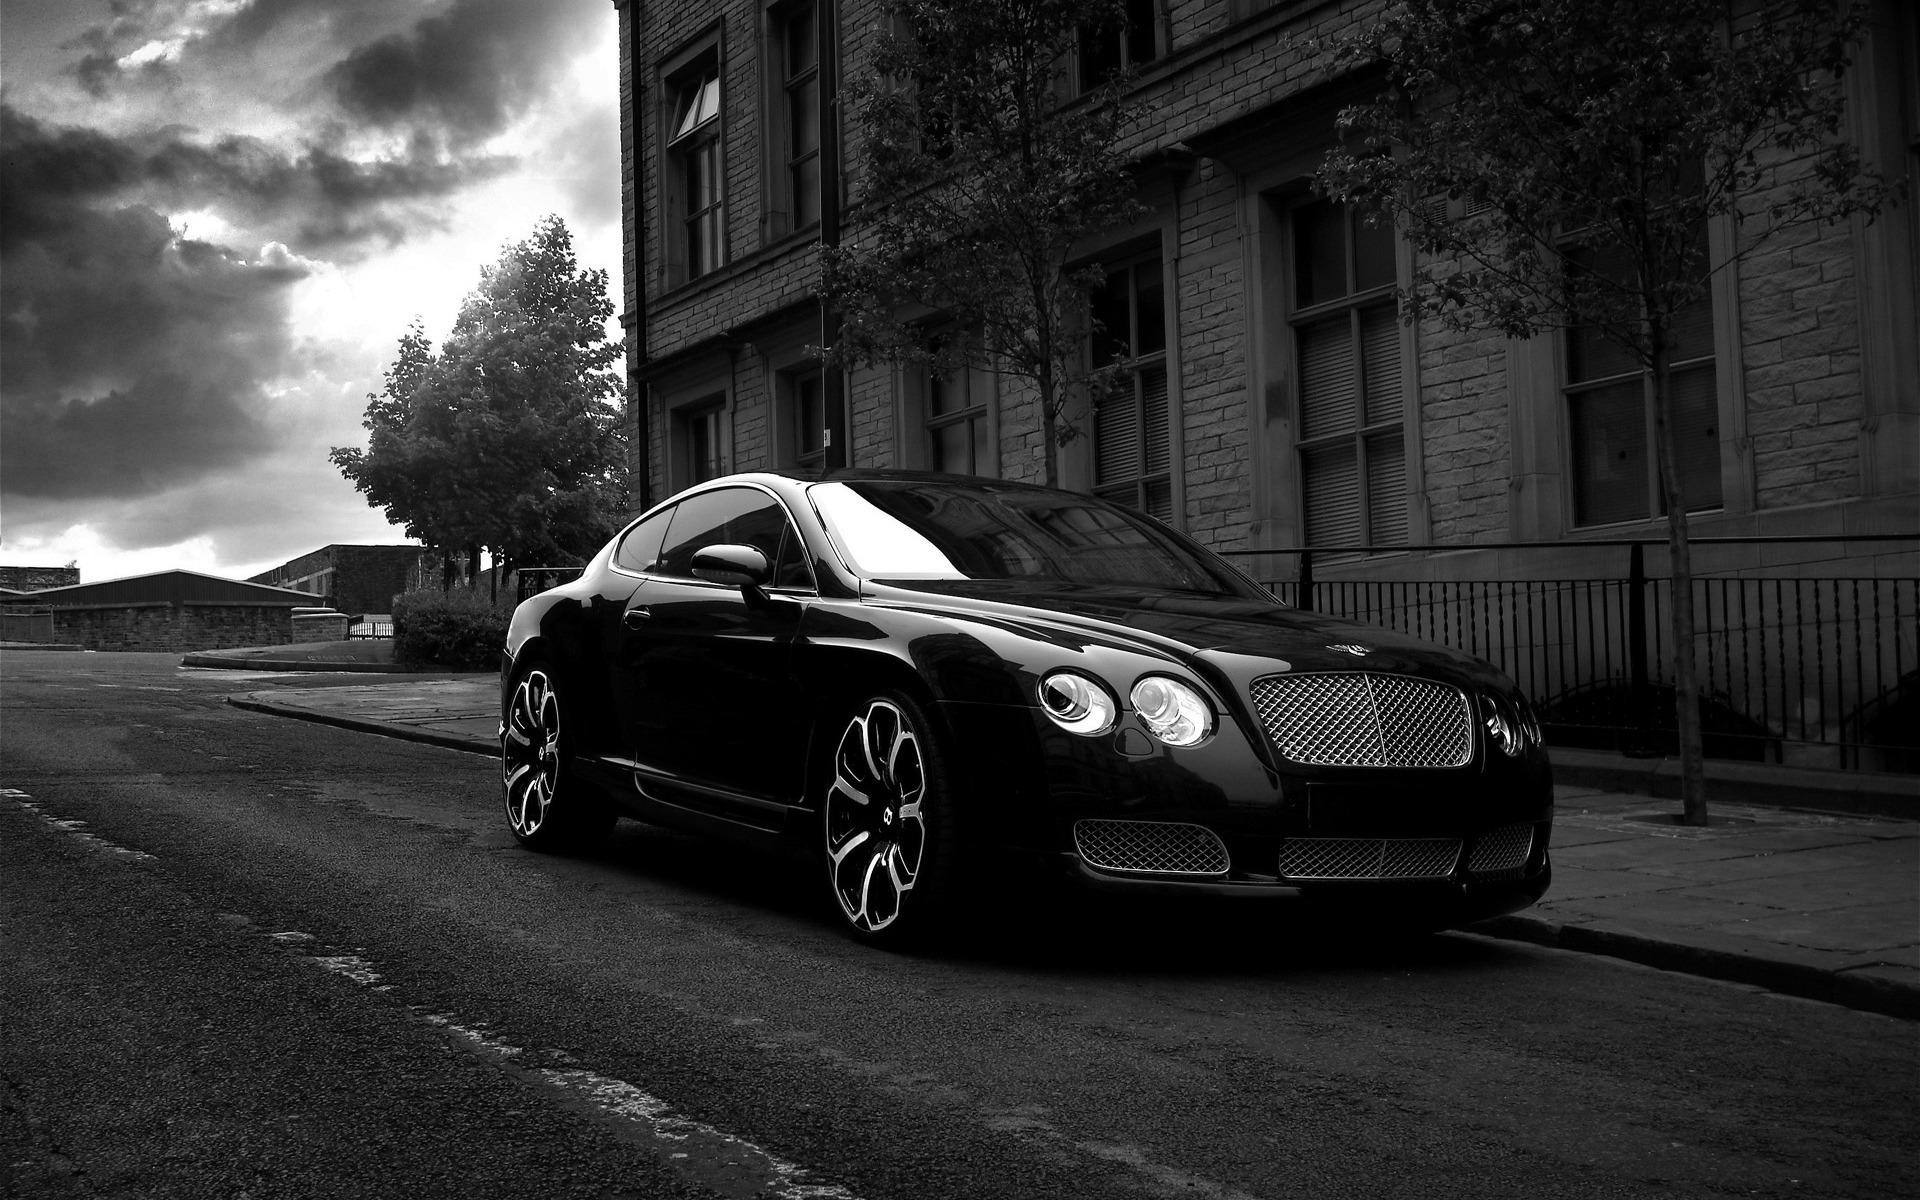 Kahn Bentley Gts Wallpaper Bentley Cars Wallpapers In Jpg Format For